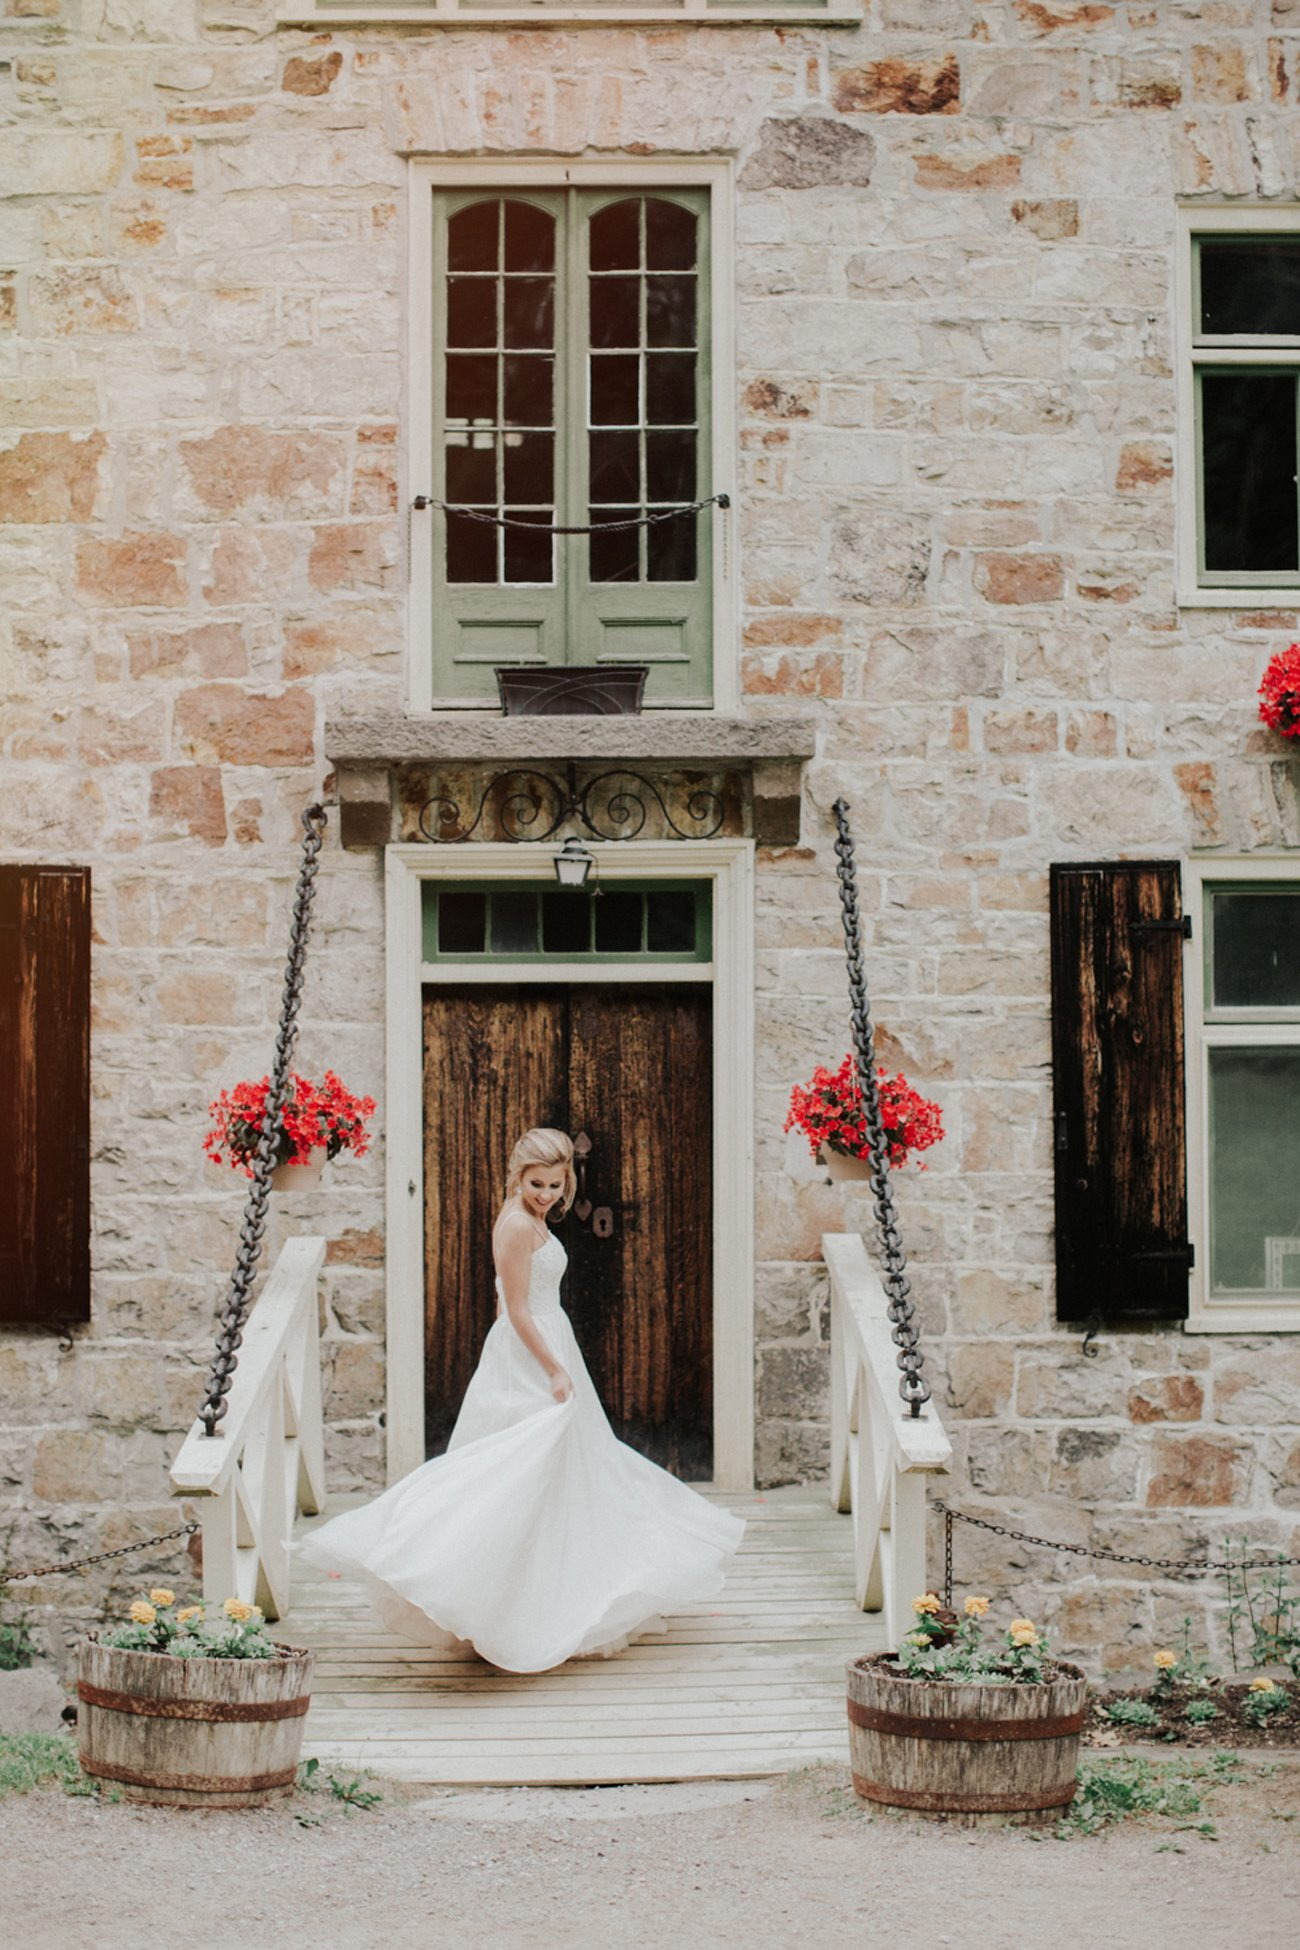 310-victoria-wedding-photographer